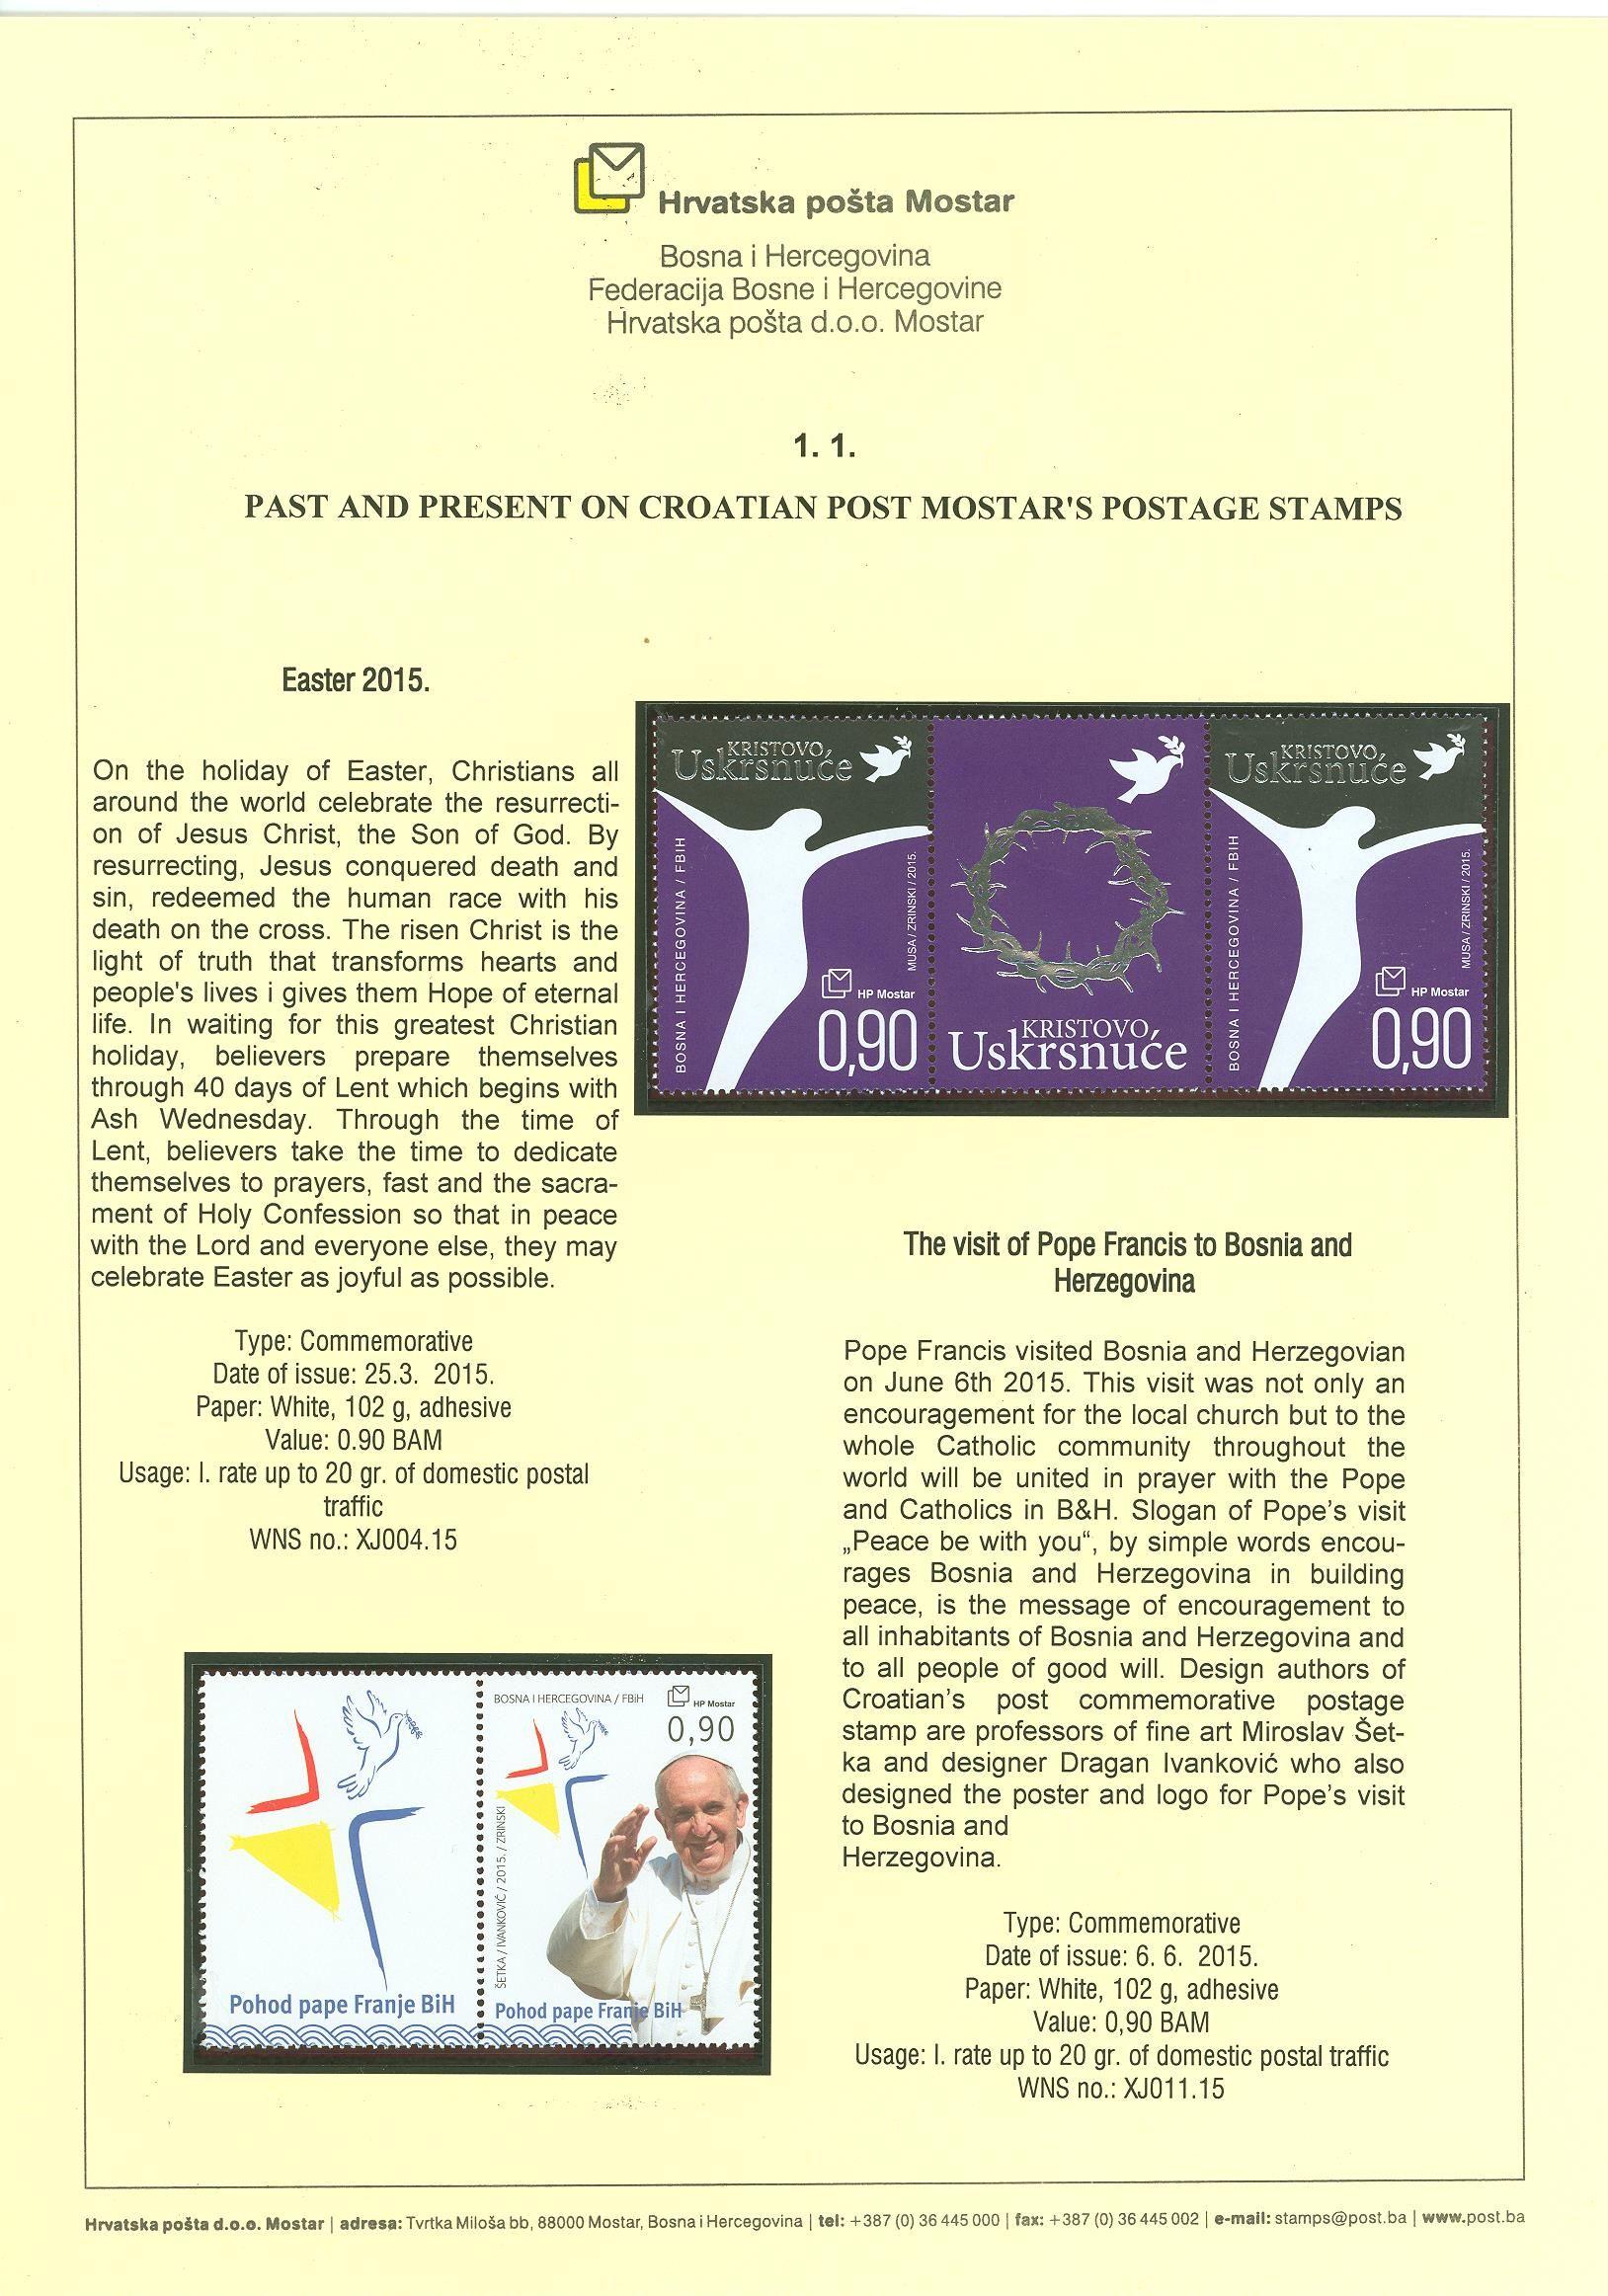 Pin By Hrvatska Posta Mostar On Philately Filatelija Son Of God Philately Mostar